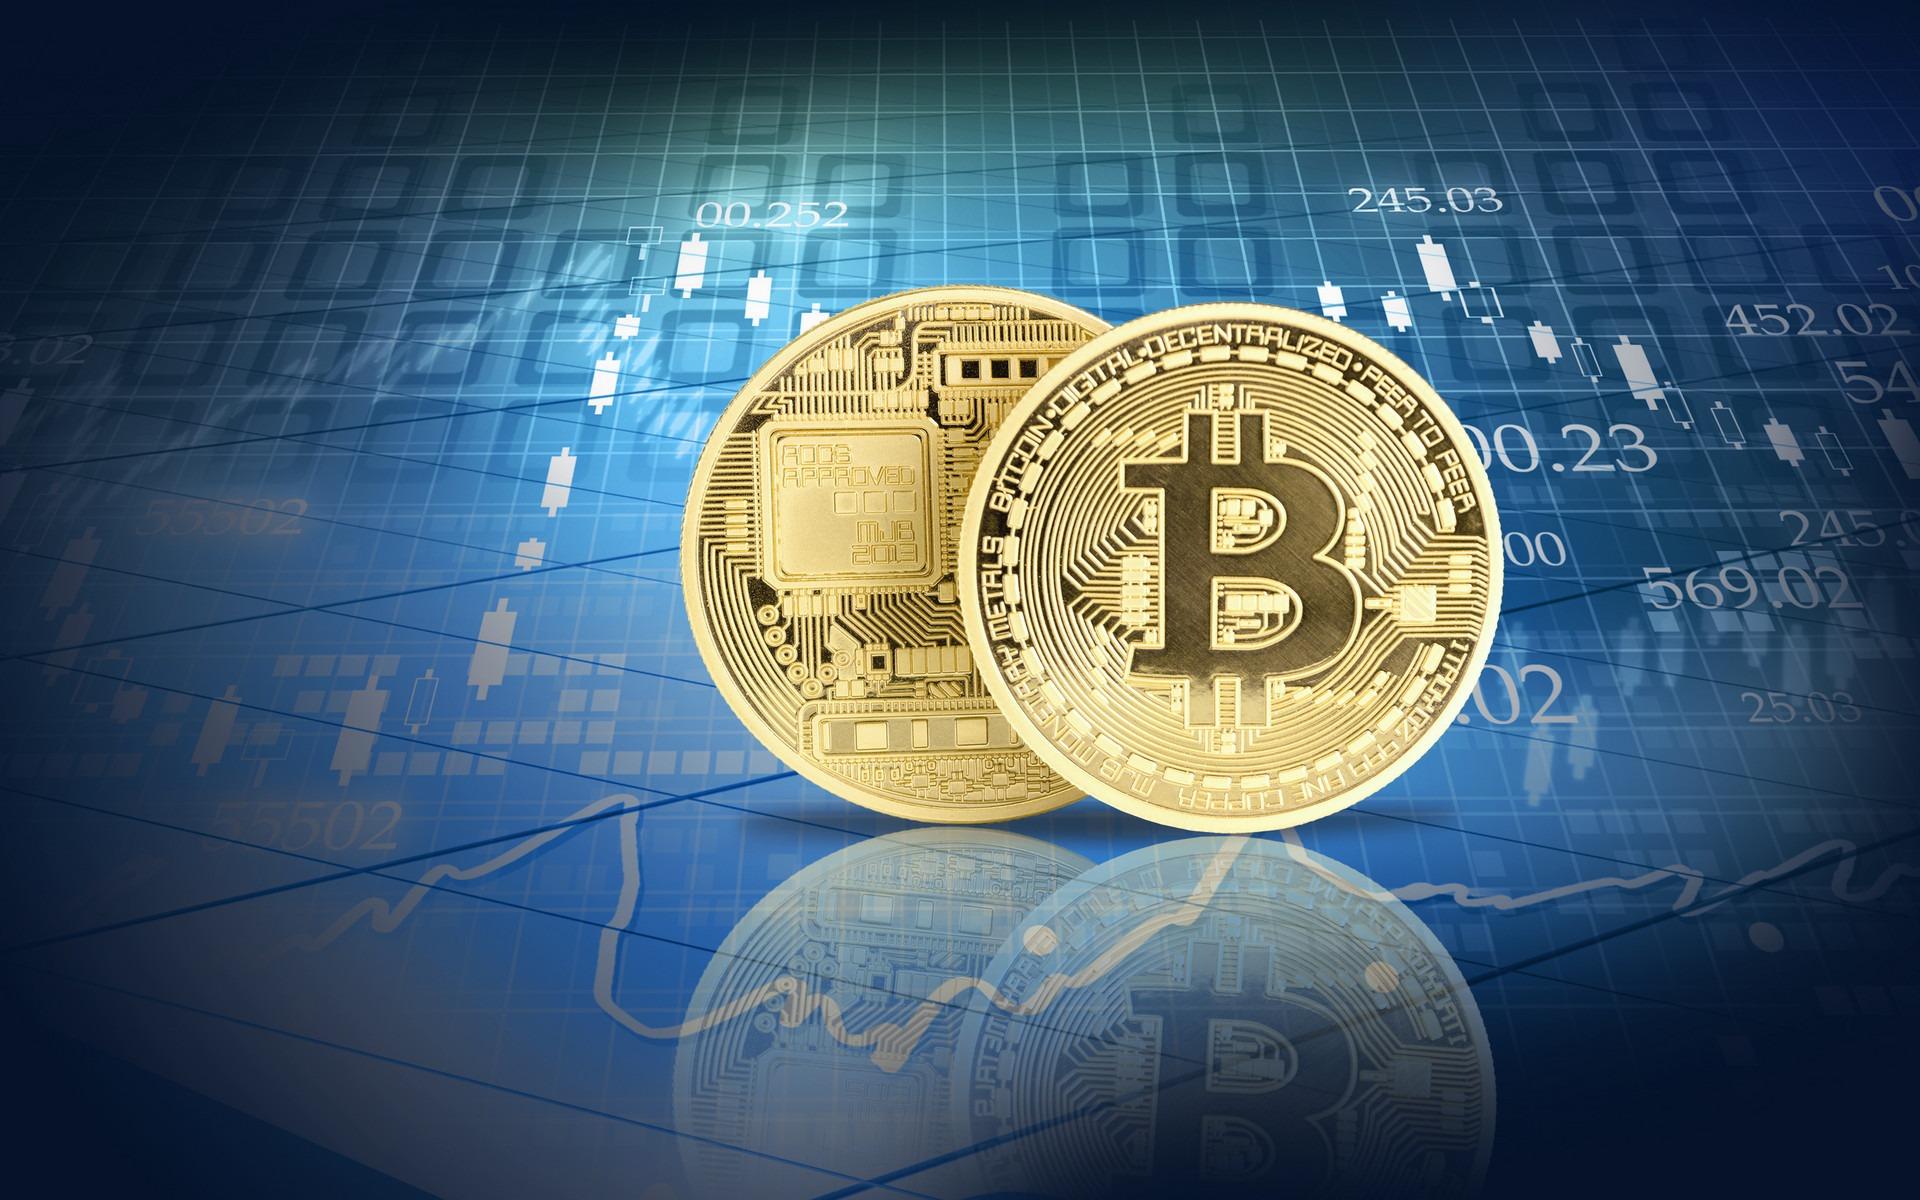 突尼斯央行正在将区块链技术应用于国家货币科威特第纳尔